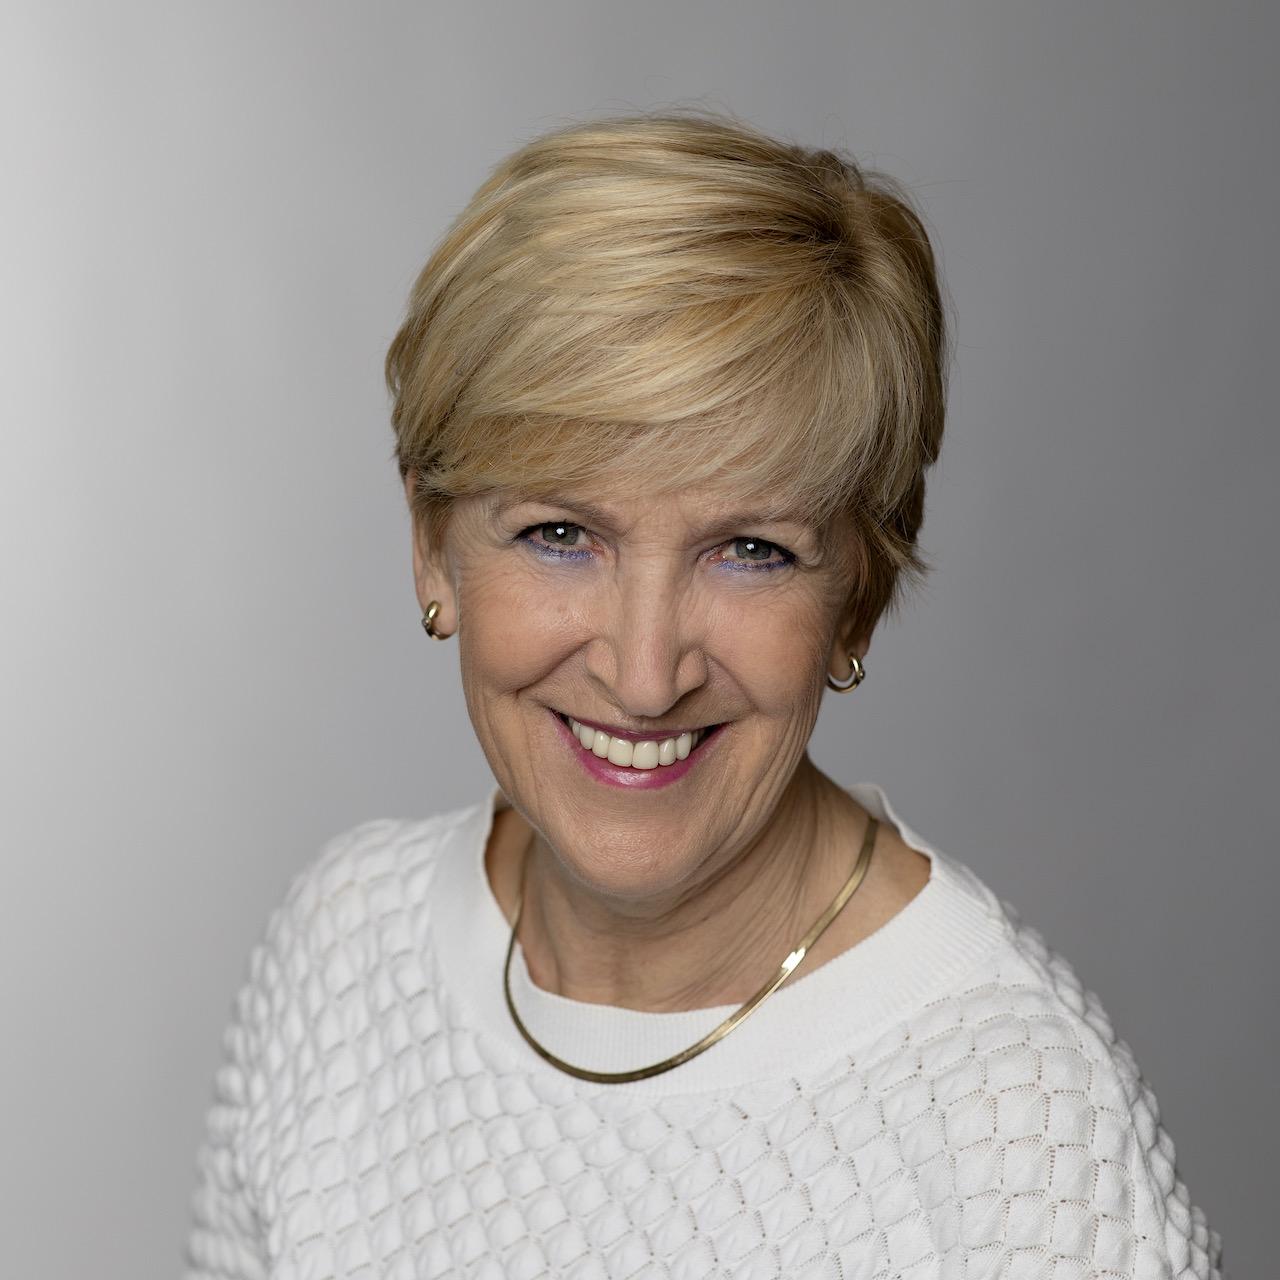 Erica Stam